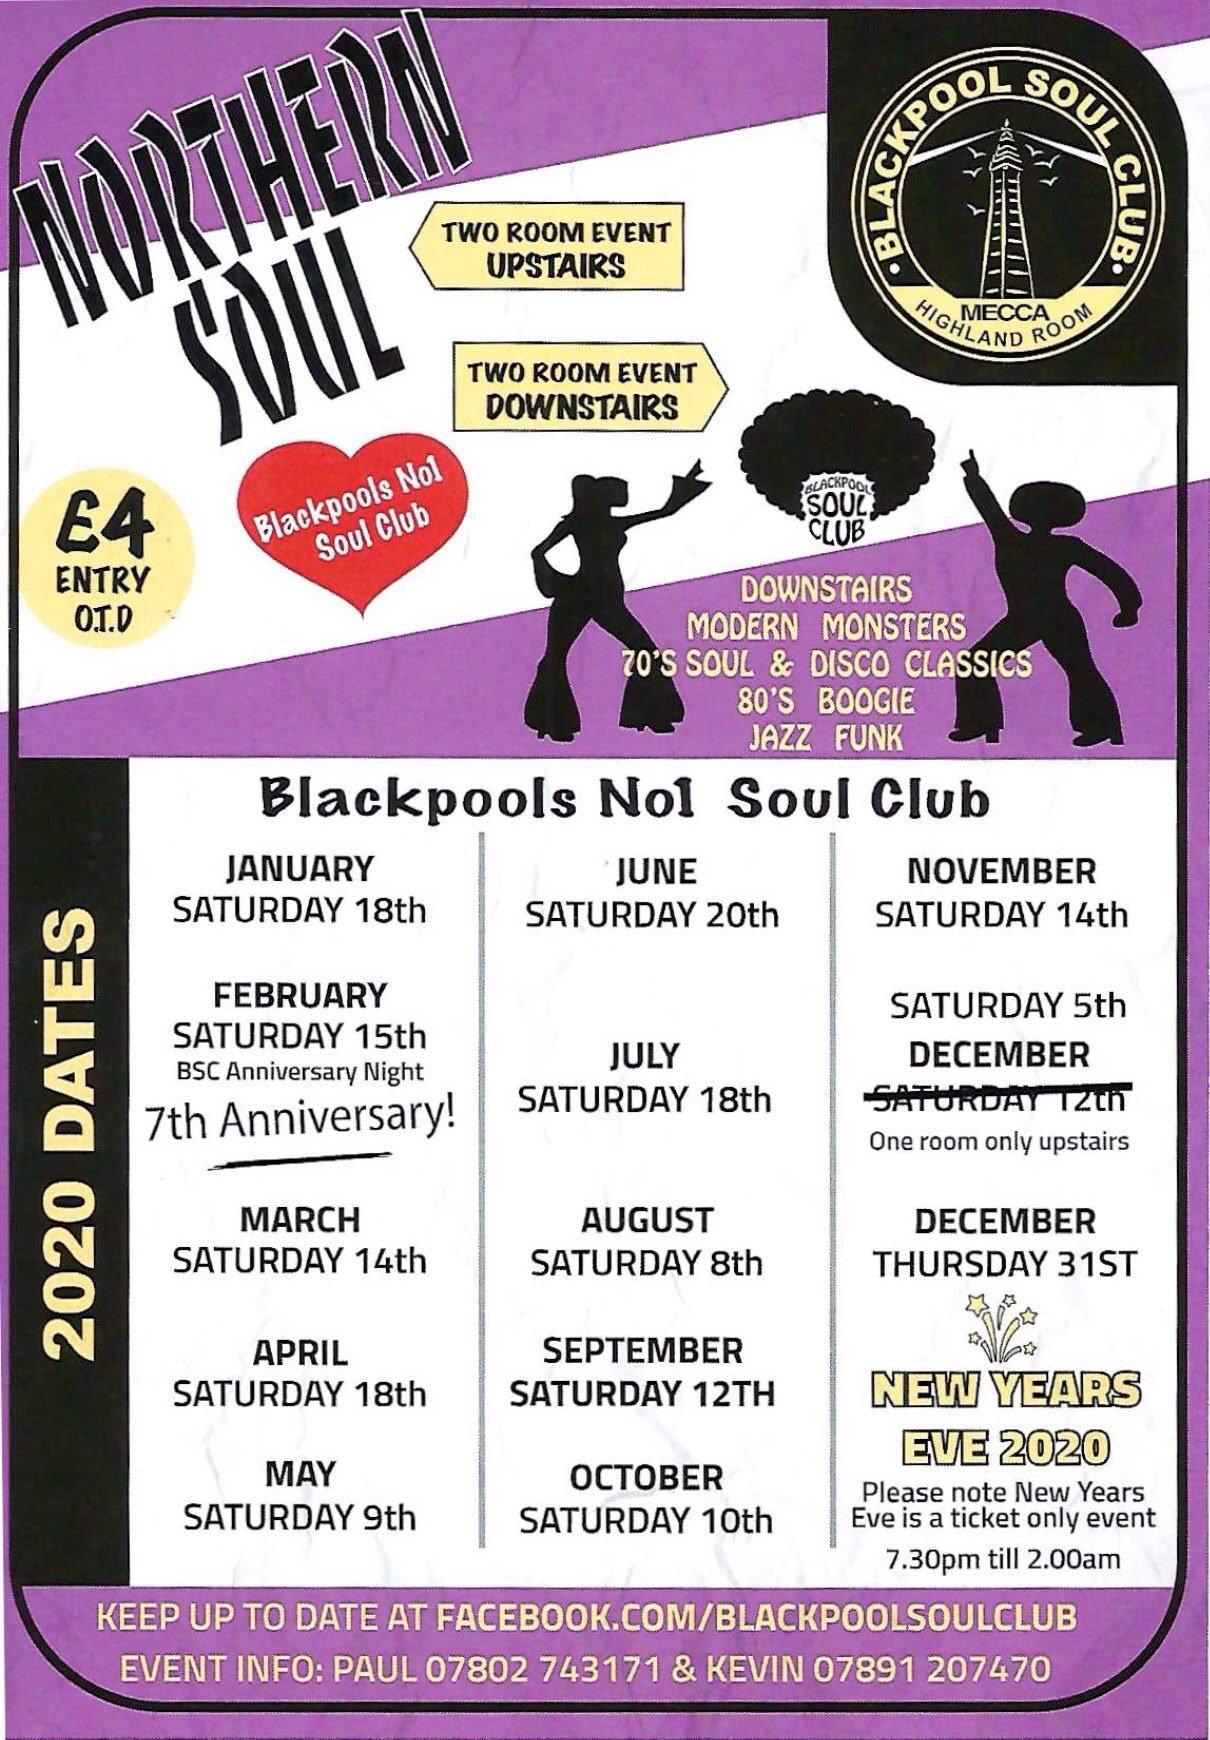 Blackpool Soul Club flyer